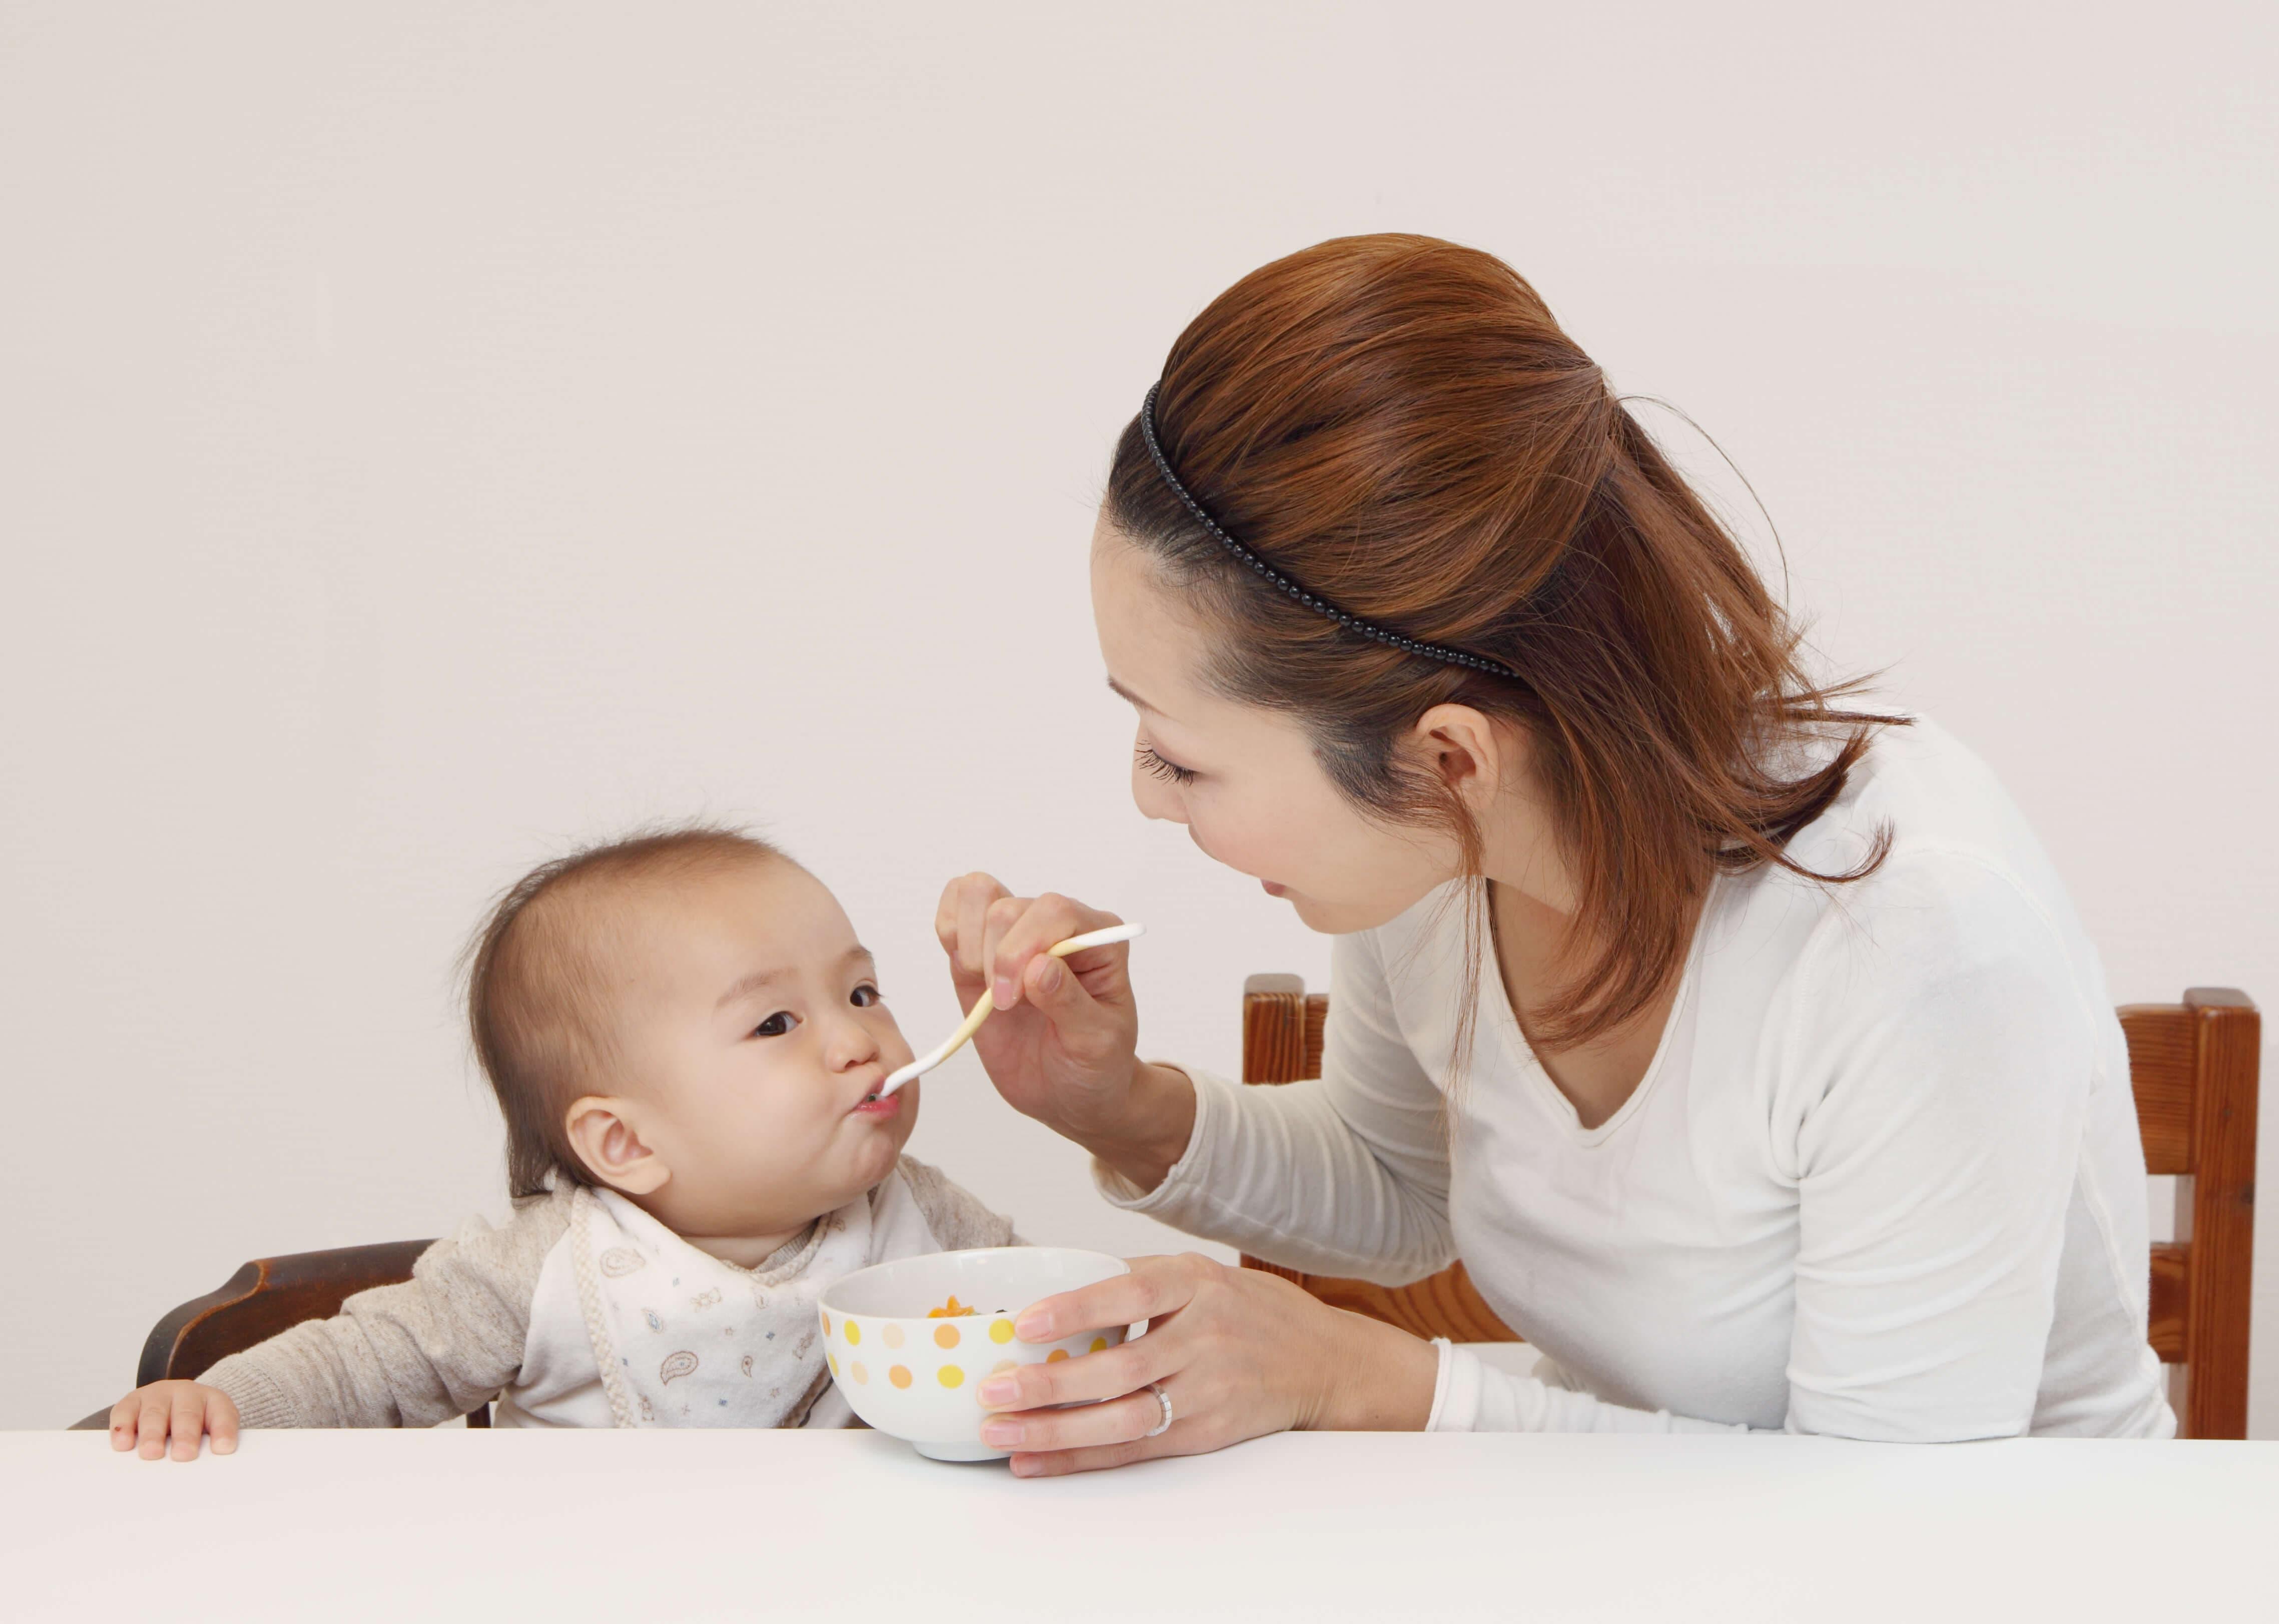 【レシピ付き】赤ちゃんが喜ぶおいしい離乳食メニュー